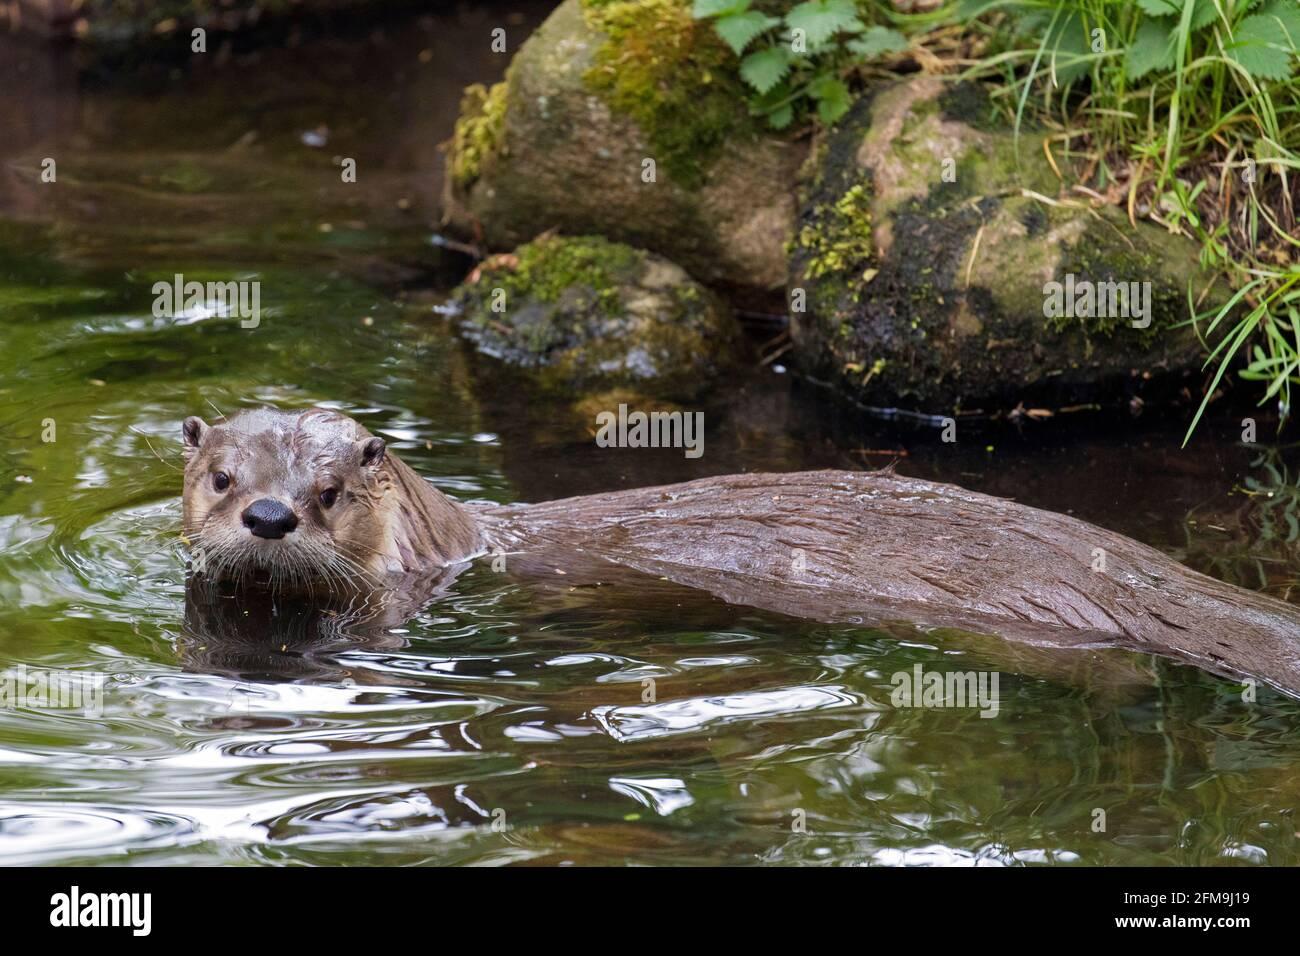 Loutre eurasien / loutre de rivière européen (Lutra lutra) entrée dans l'eau du ruisseau en forêt au printemps Banque D'Images